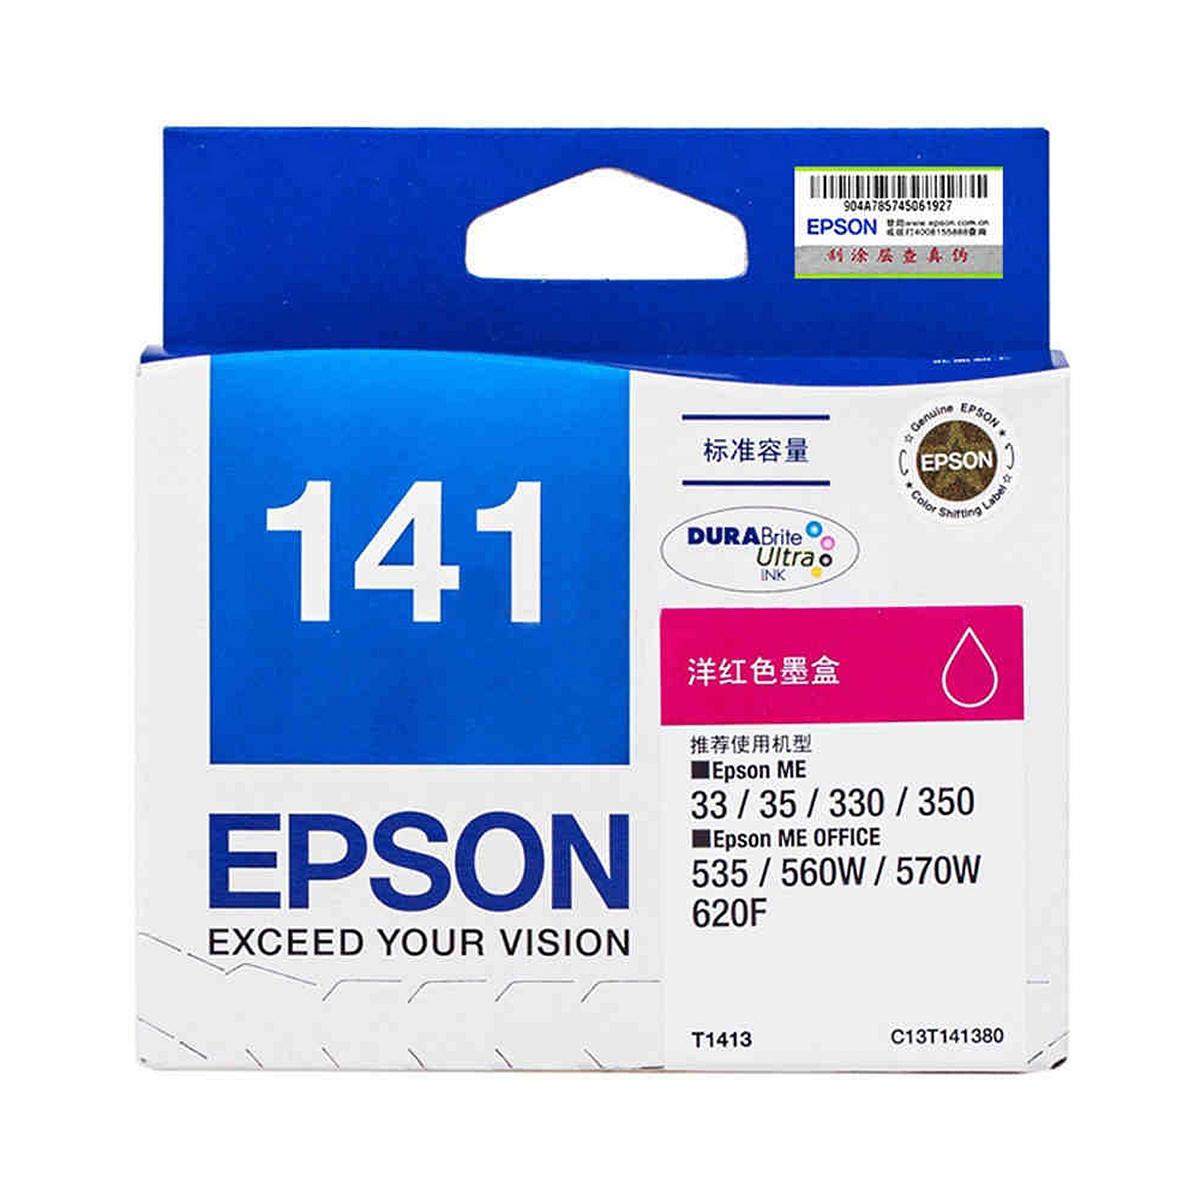 爱普生T1413原装墨盒(洋红)(只)